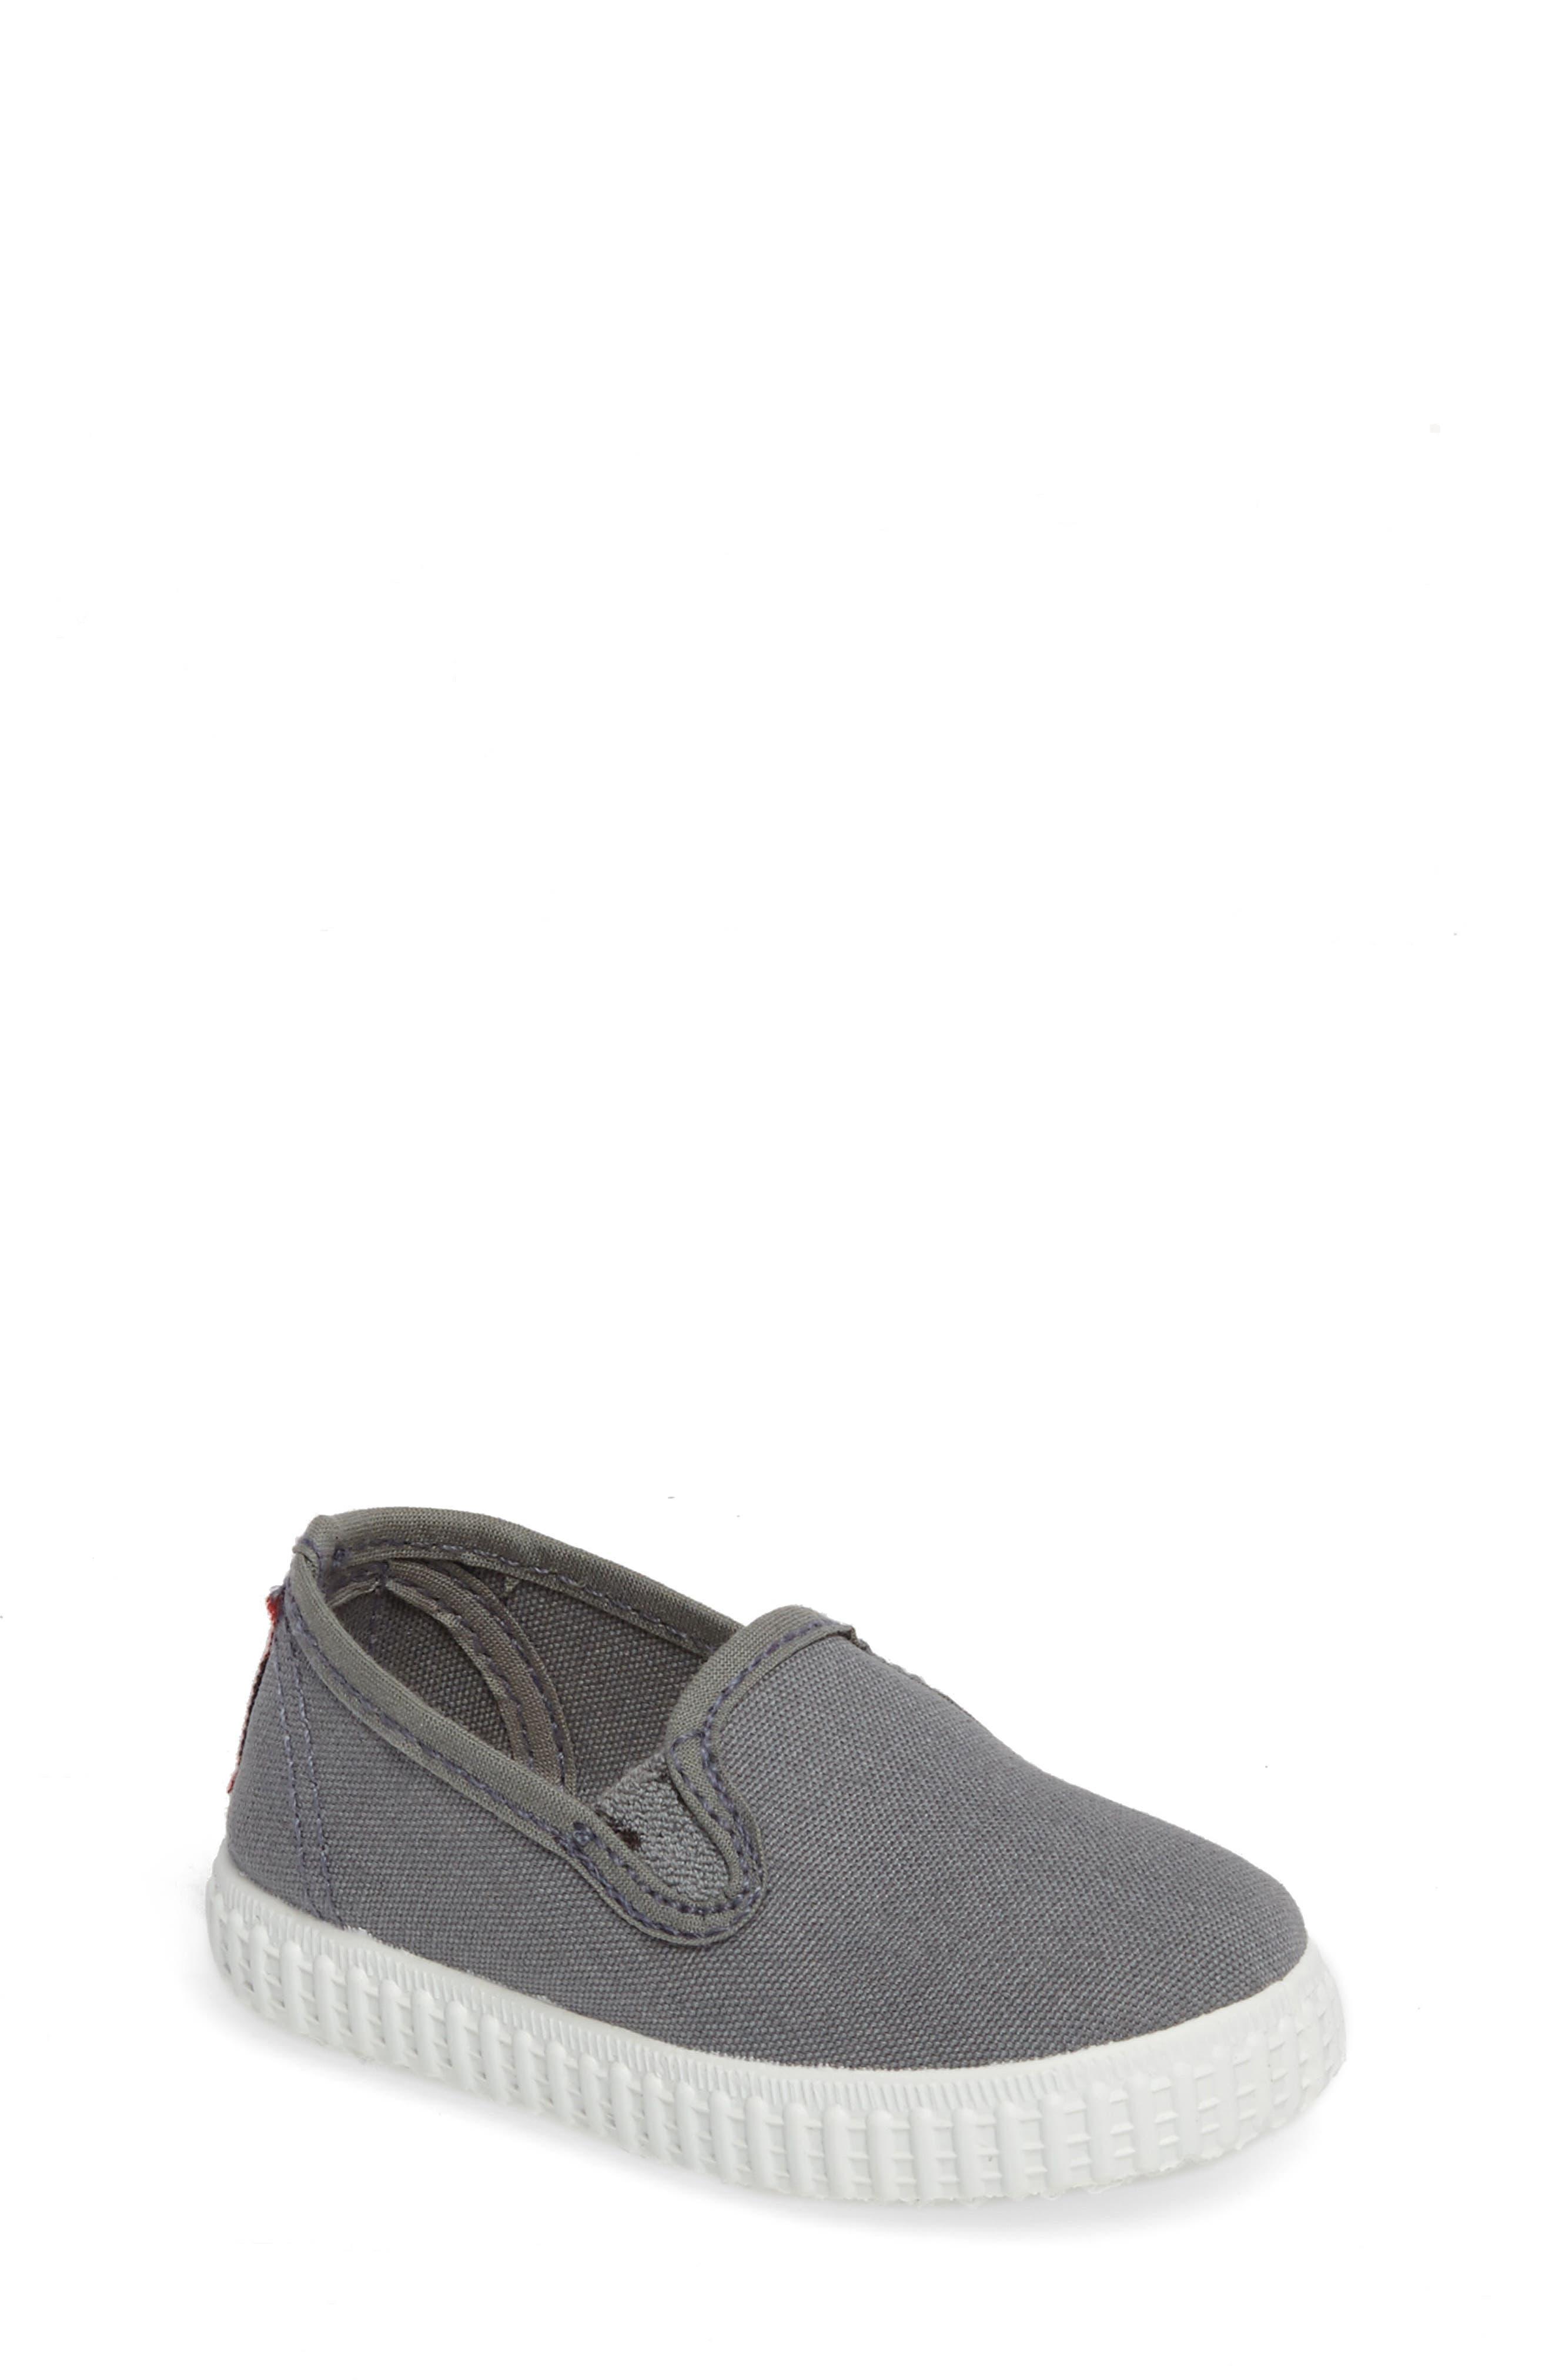 Slip-On Sneaker,                             Main thumbnail 1, color,                             Light Grey